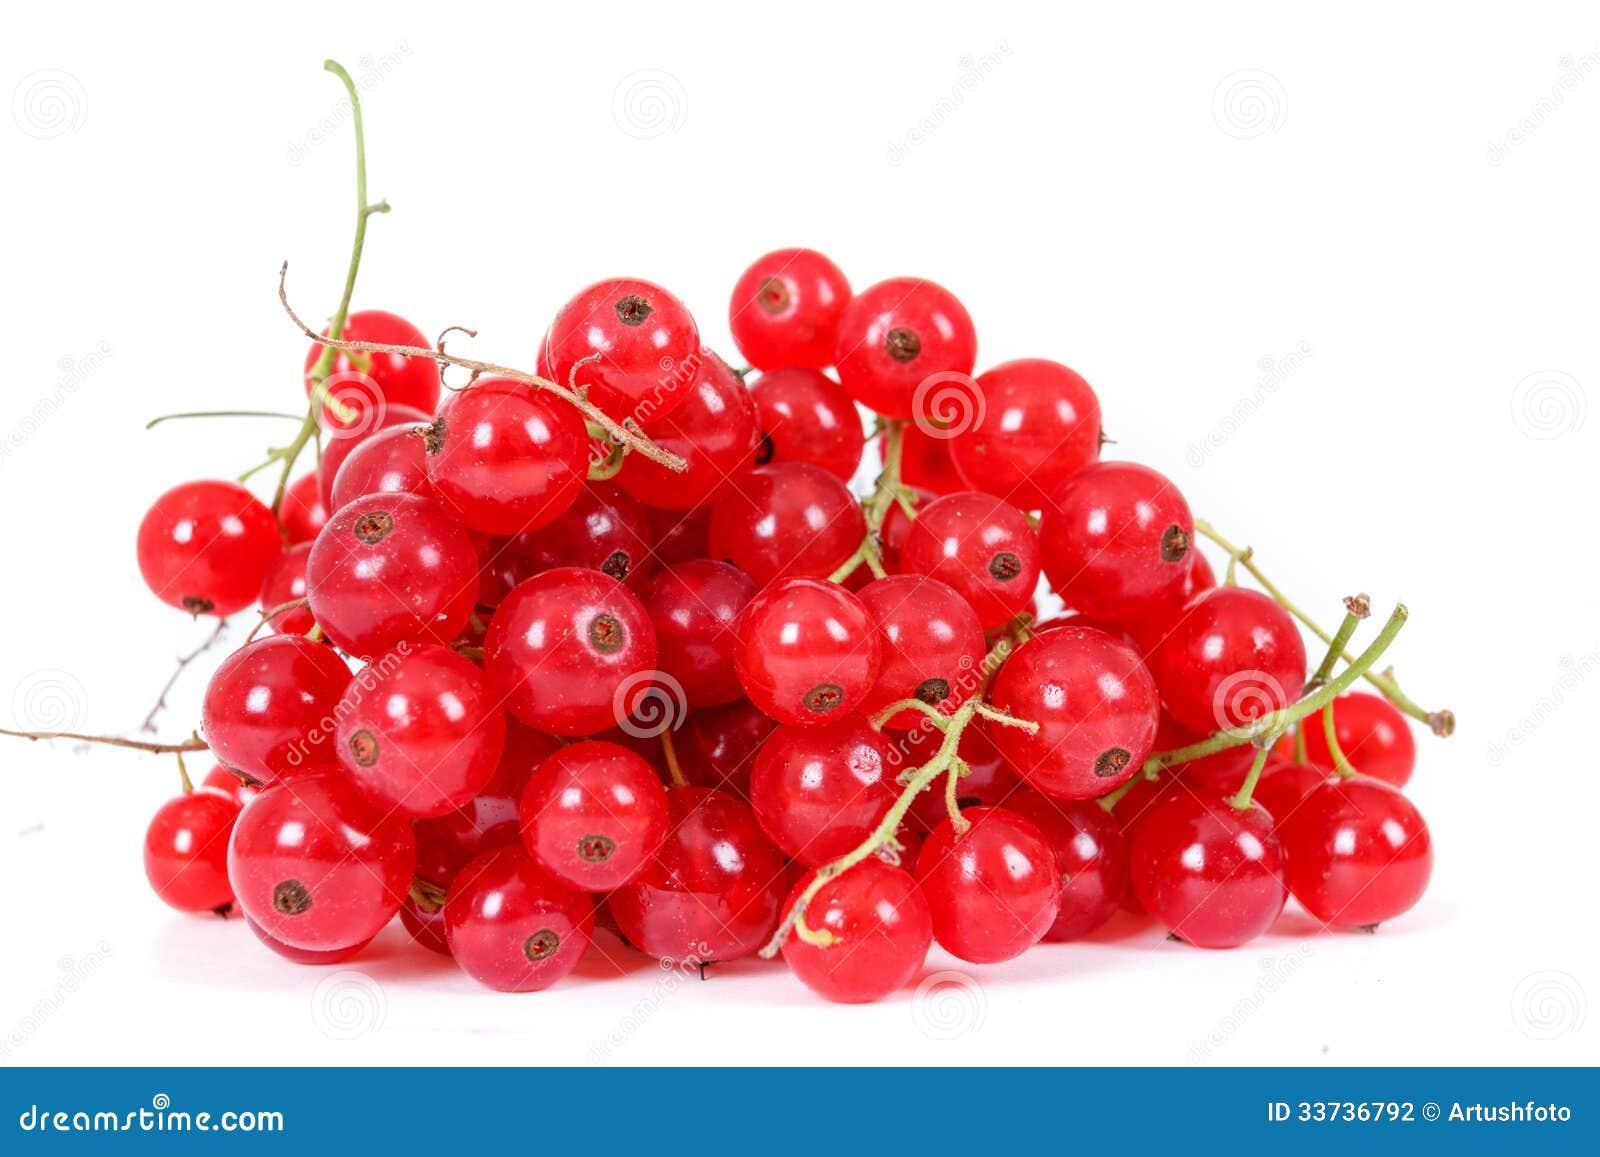 Сложите ягоды красной смородины на белой предпосылке